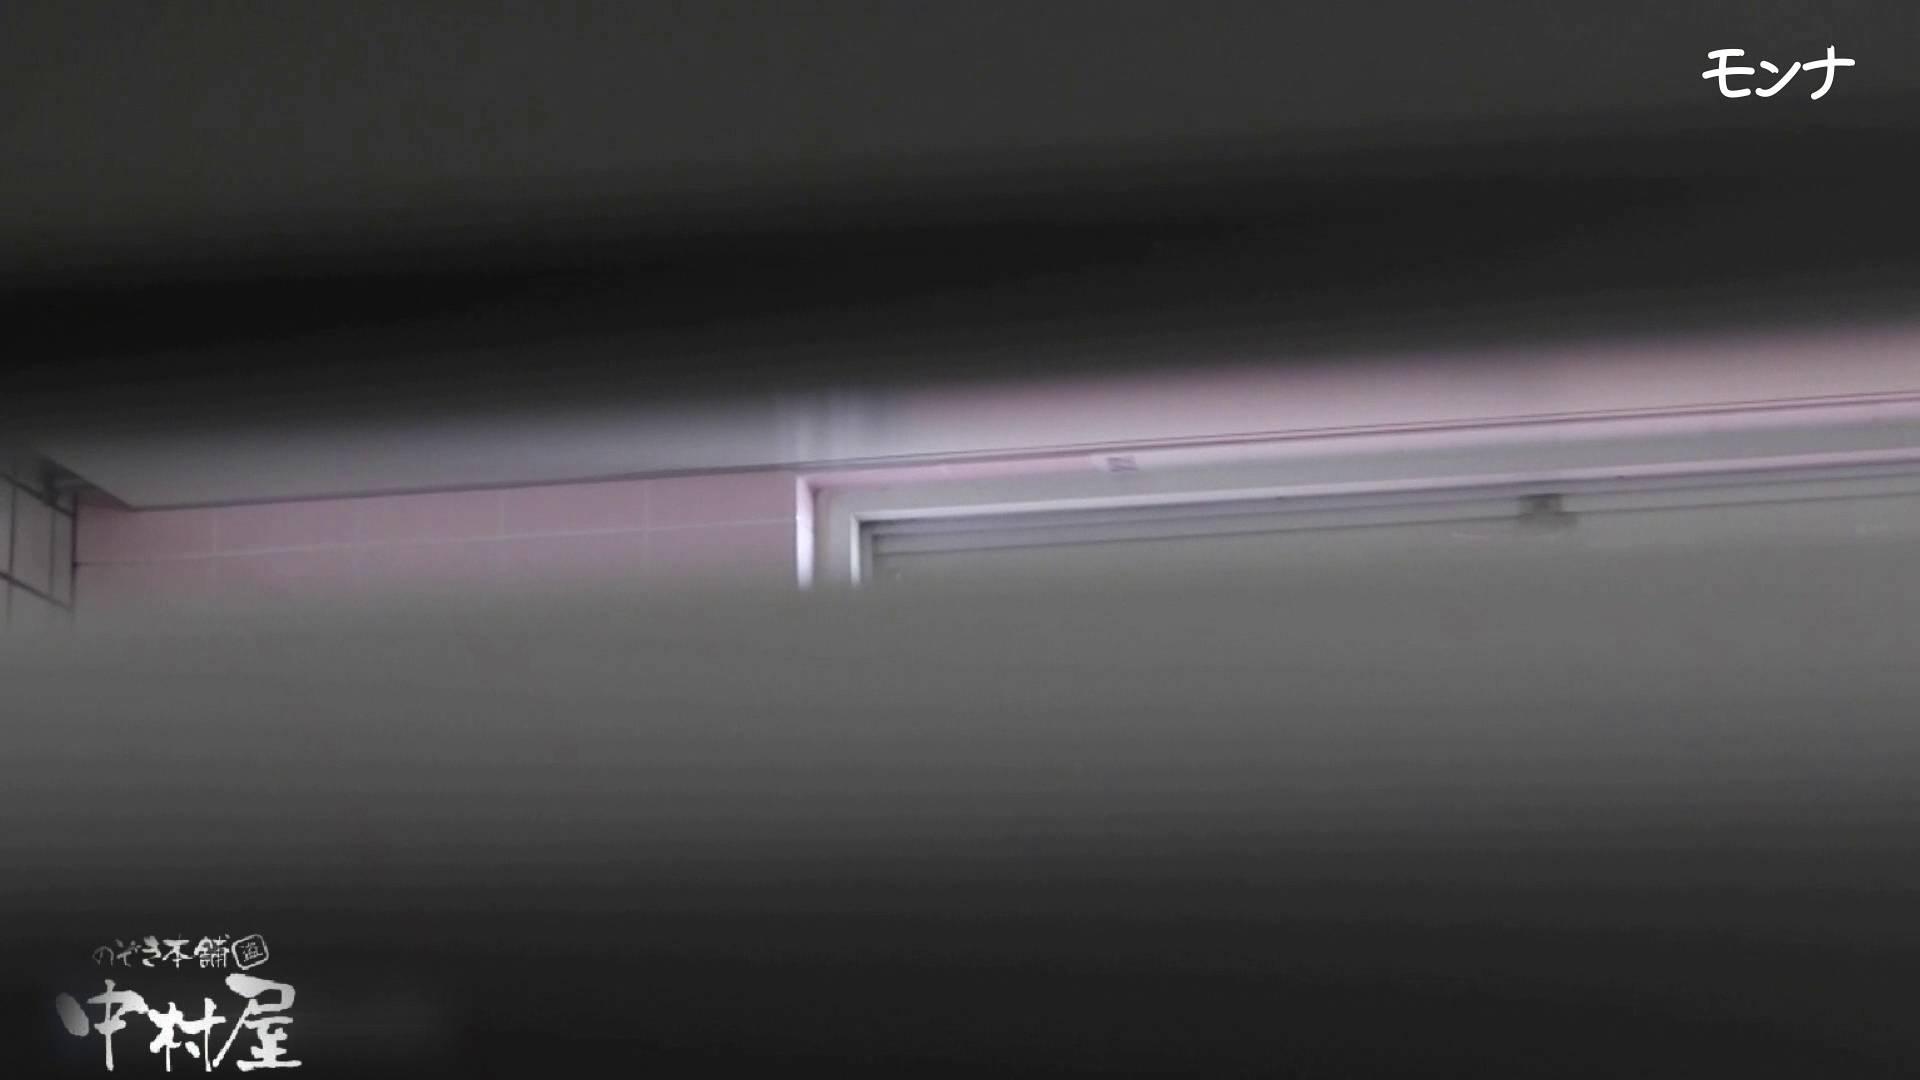 【美しい日本の未来】美しい日本の未来 No.73 自然なセクシーな仕草に感動中 トイレの中の女の子 盗み撮り動画 42連発 31